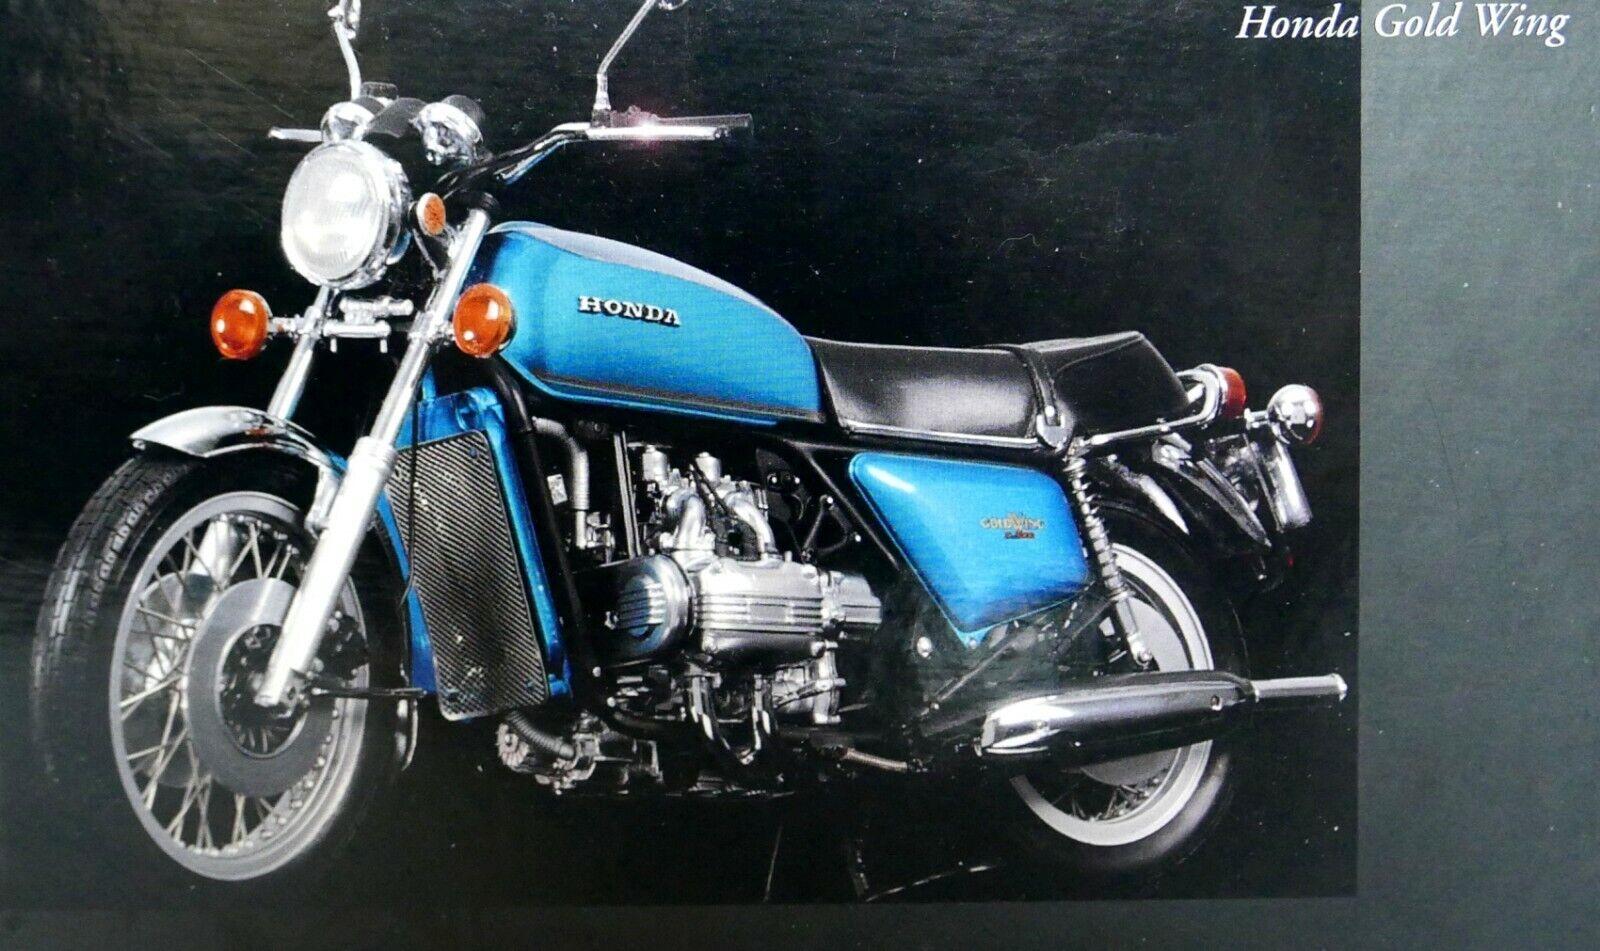 MINISTAMPS 1 12 cykel HONDA guld VING 1975 blå grön ny 122161600 FÖRSTA RAAAAR